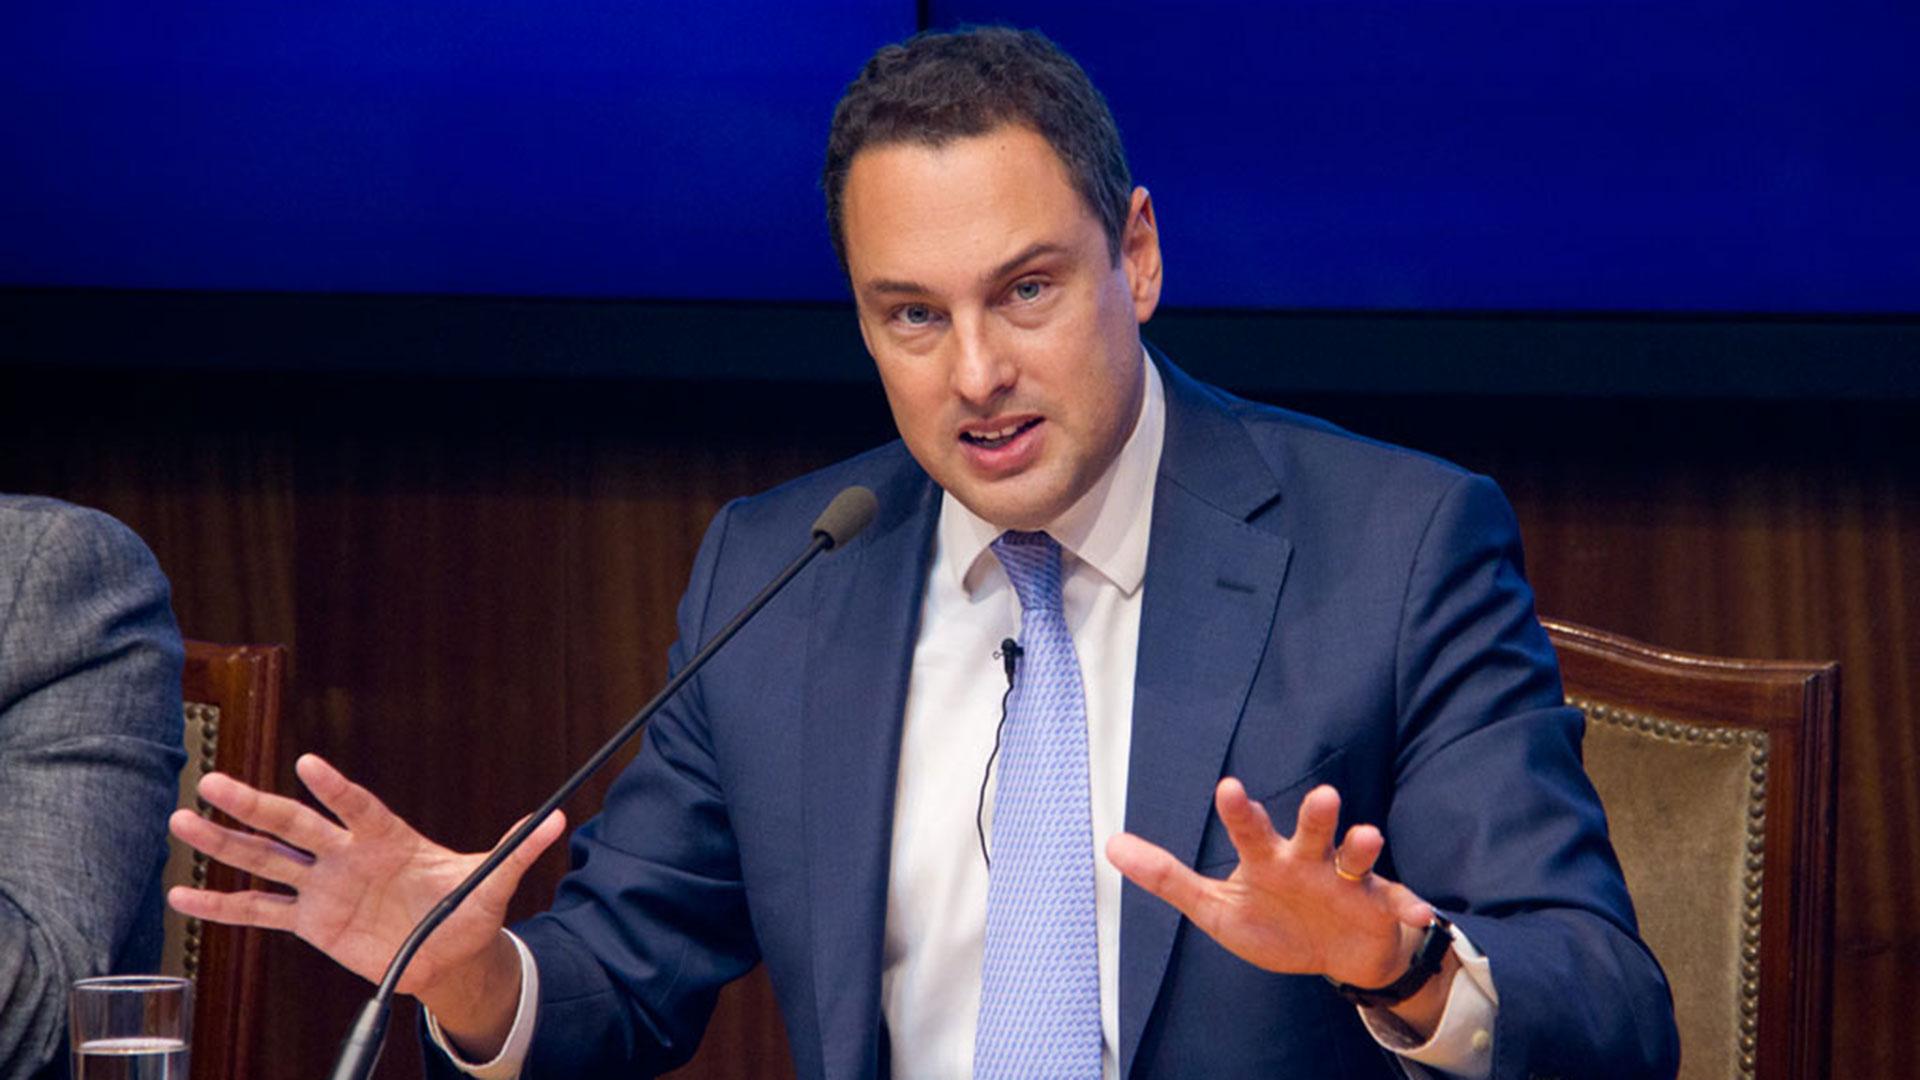 El titular de la AFIP, Leandro Cuccioli, busca asegurarse toda la información de los ganadores de rentas financieras